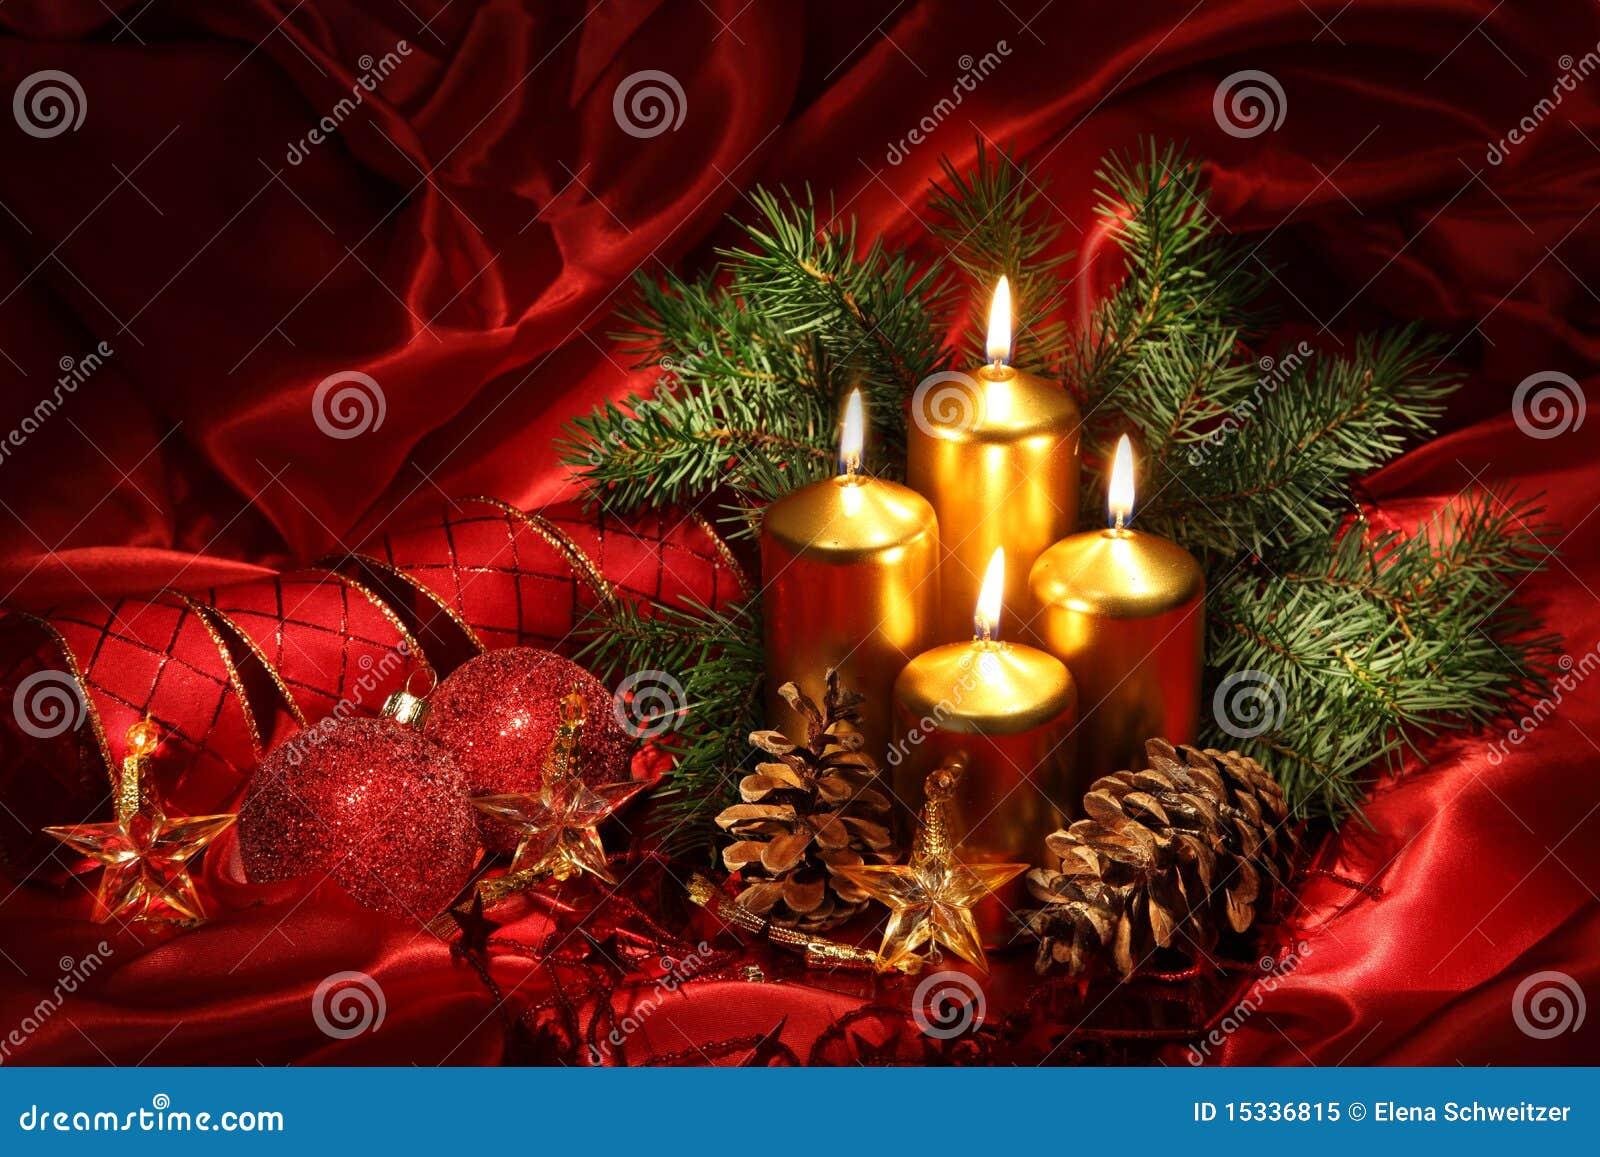 Undersöker jul